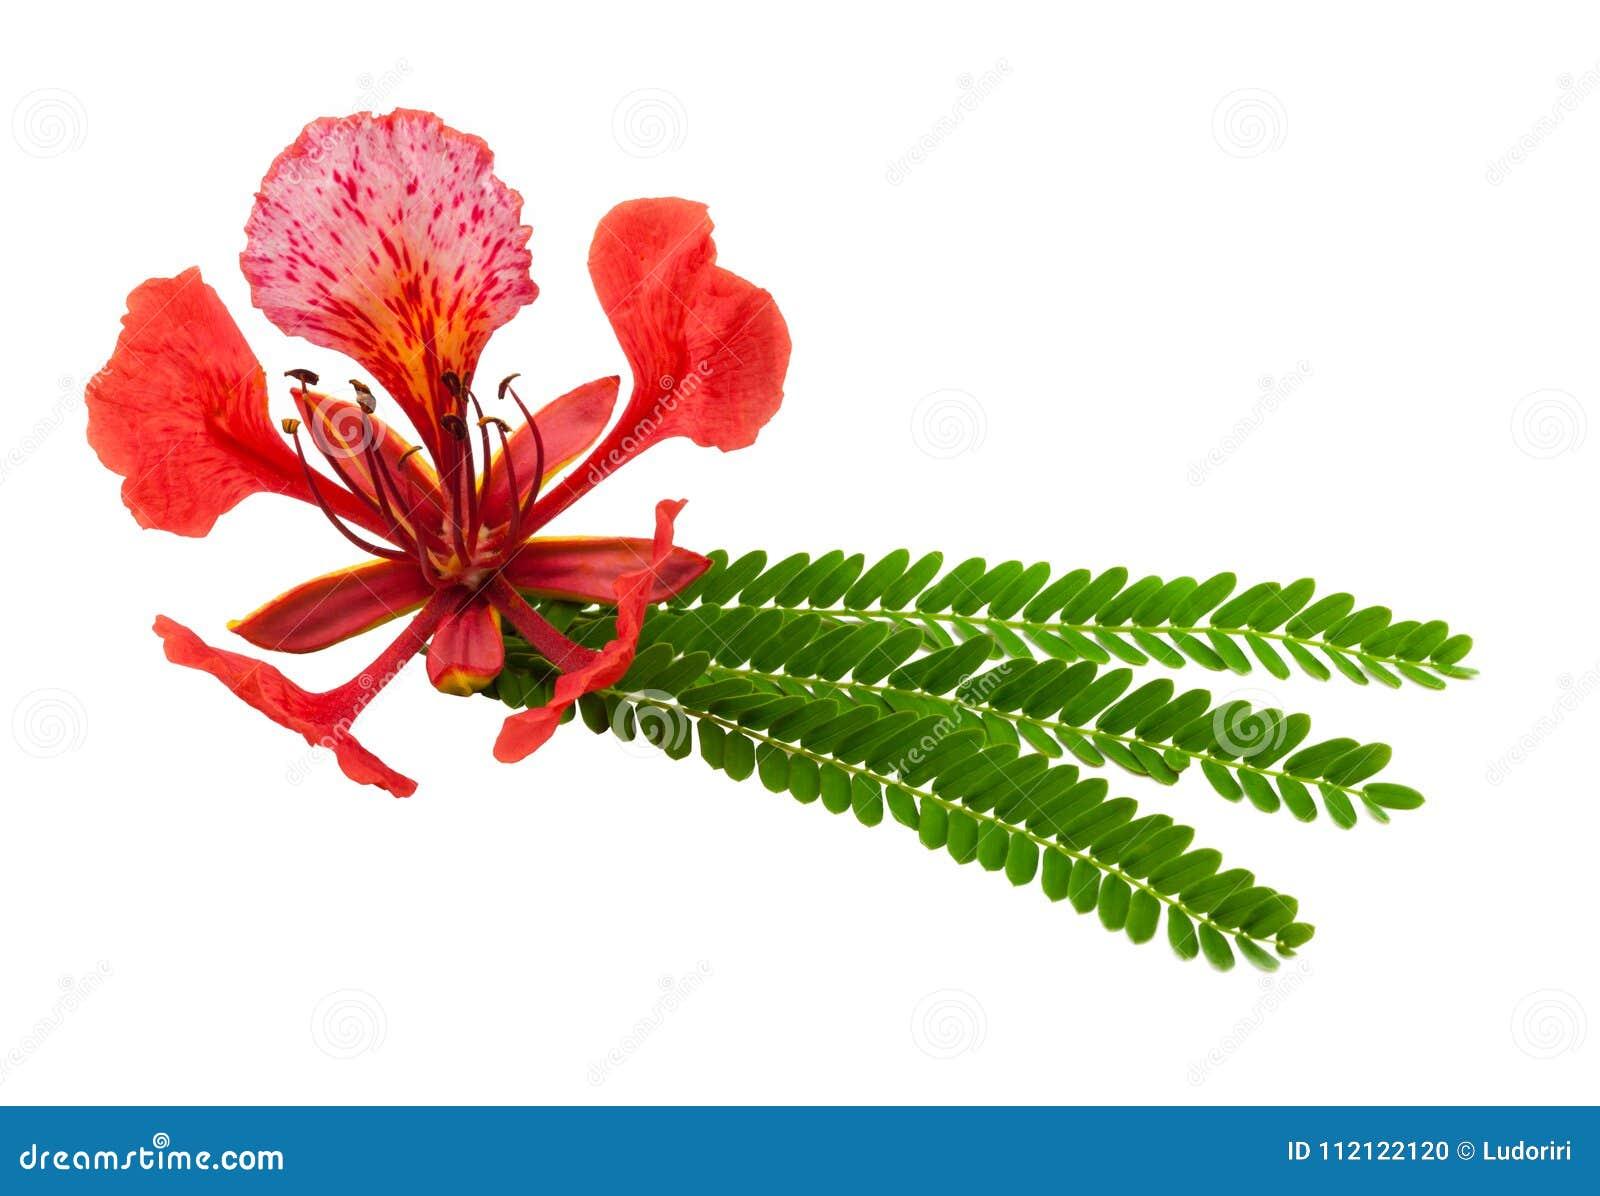 Gulmohar blomma i vit bakgrund Ett gulmohar träd är ett dekorativt träd som kallas vetenskapligt den Delonix regiaen Gulmohen